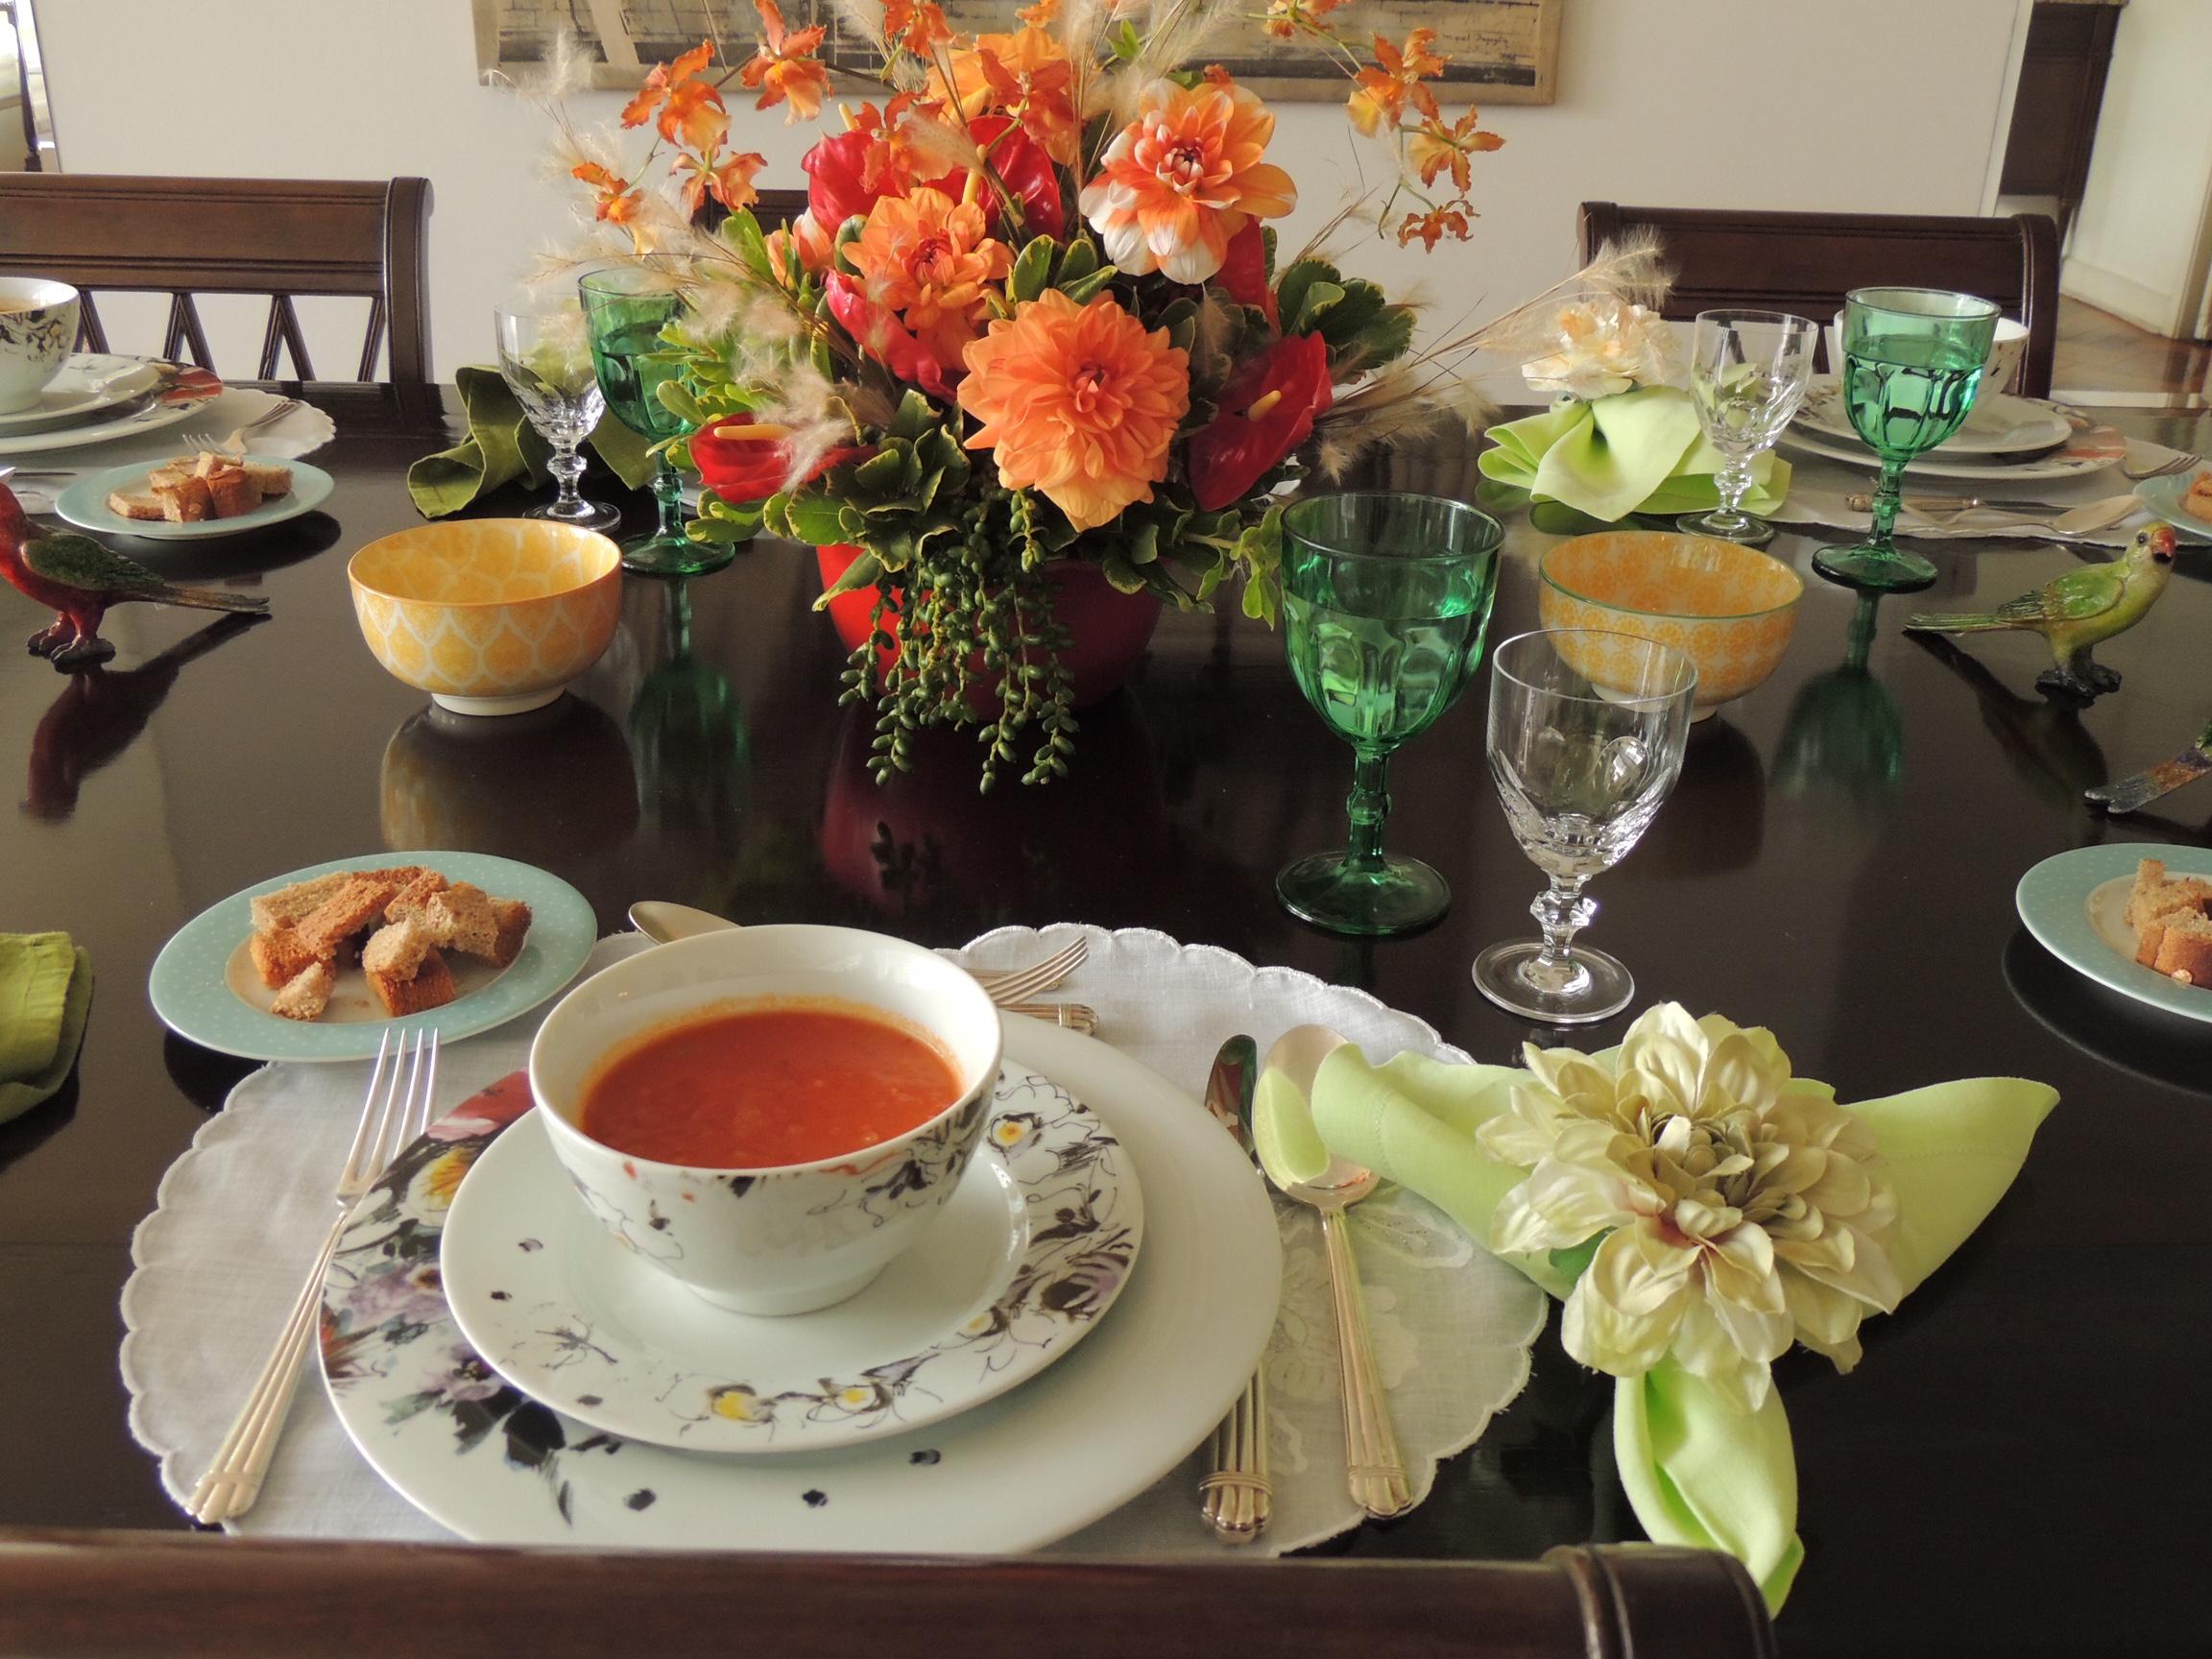 Mesa de jantar montada , com todos os utensilios e acessórios. Flores ao centro na cor branca e laranja. Algumas taças estão em detalhe - a taça de água em tom verde e a taça de vinho branco, em cristal transparente.